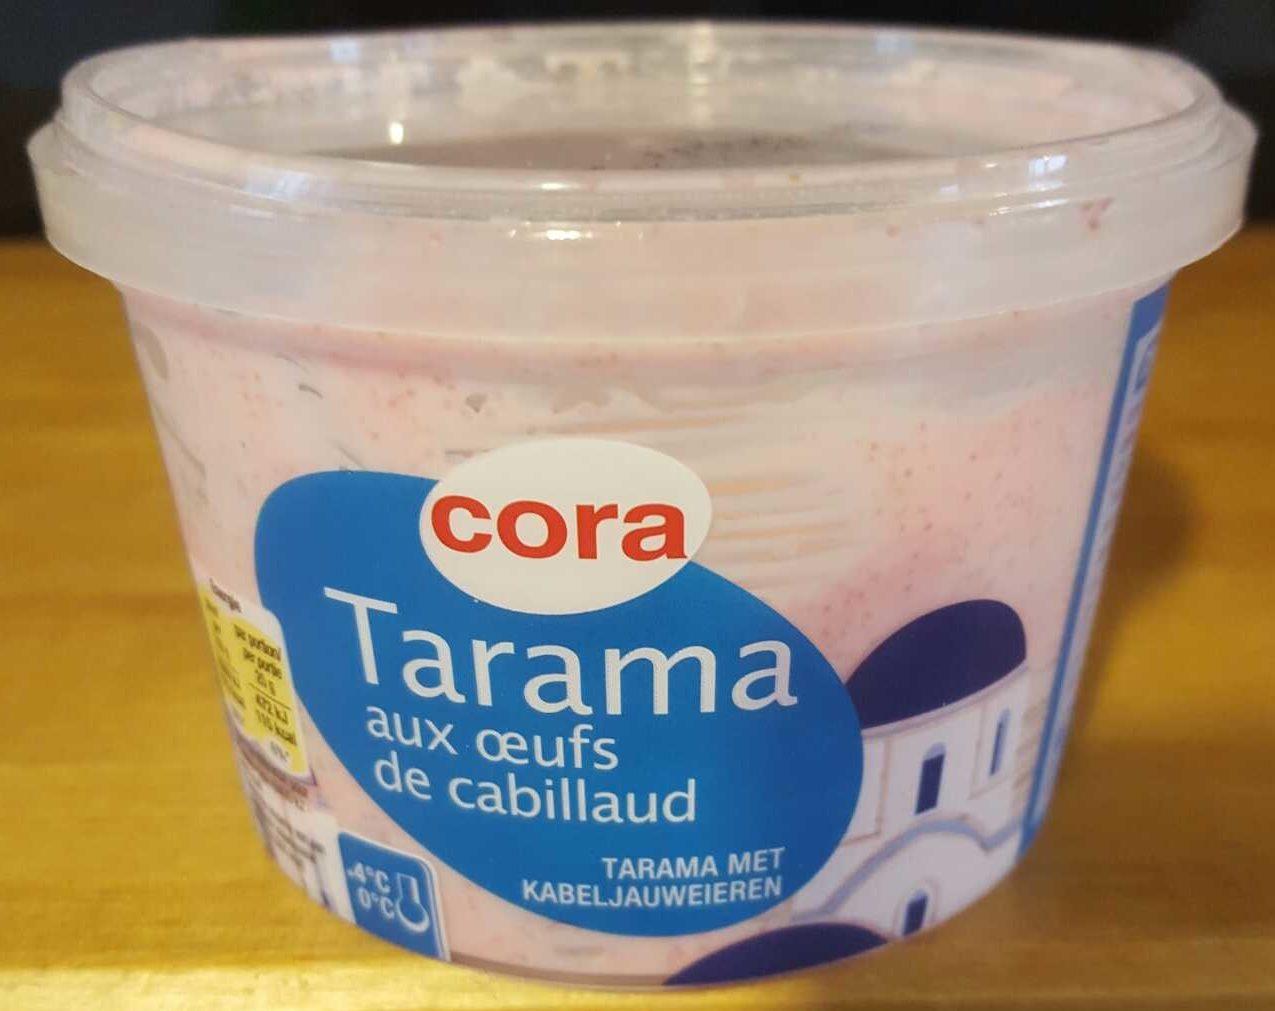 Tarama aux oeufs de cabillaud - Produit - fr